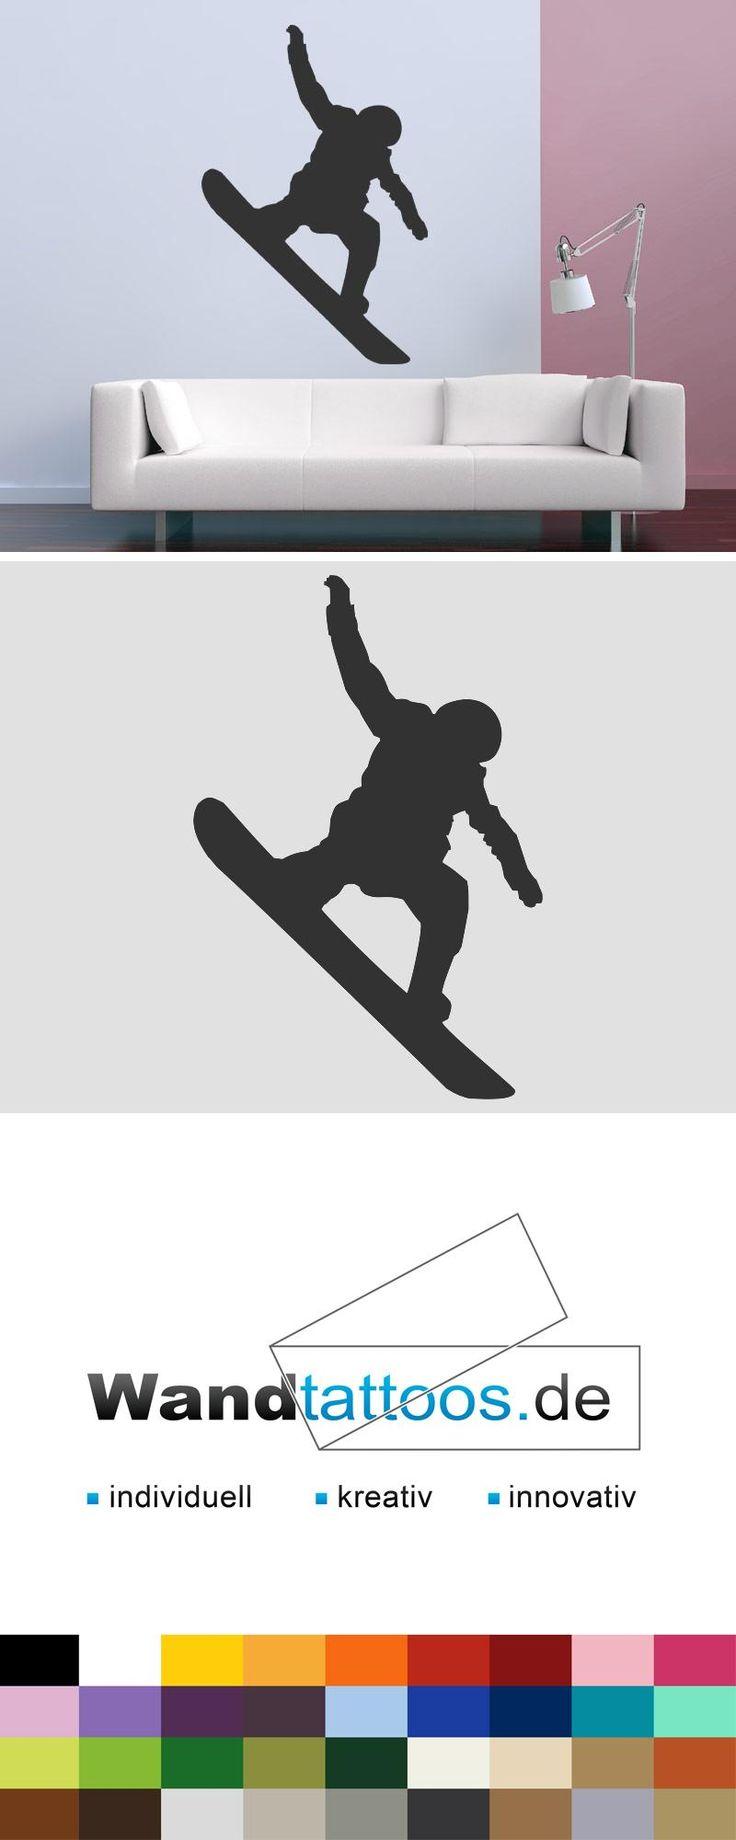 Wandtattoo Snowboarder als Idee zur individuellen Wandgestaltung. Einfach Lieblingsfarbe und Größe auswählen. Weitere kreative Anregungen von Wandtattoos.de hier entdecken!